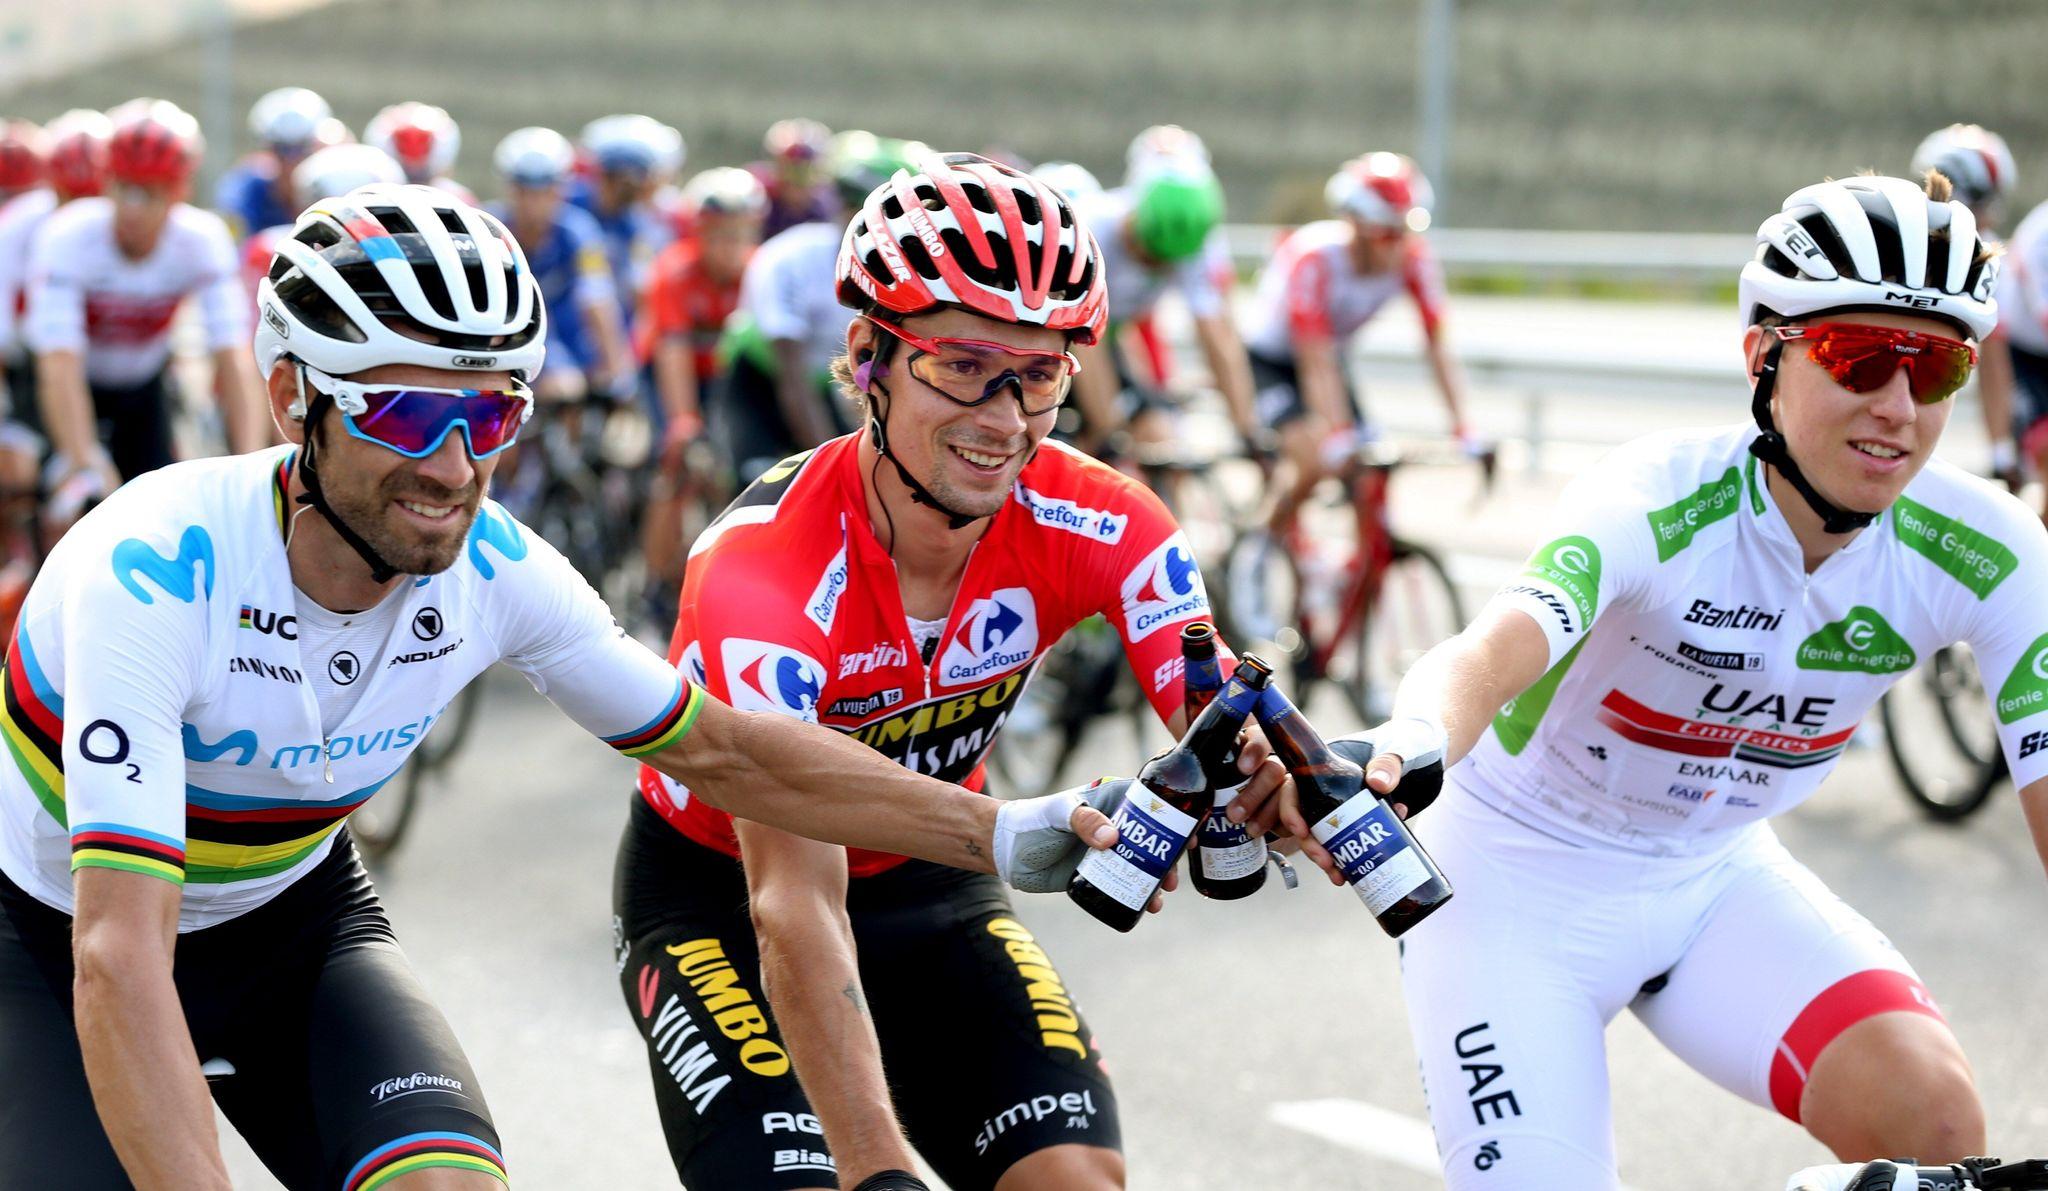 GRAF3063. MADRID, 15/09/2019.- El ciclista esloveno del equipo Jumbo-Visma, Primôz Roglic (c), celebra junto a Alejandro Valverde (i) del equipo Movistar, segundo clasificado y Tadej Pogacar (d) del equipo UAE Emirates, tercero, tras coronarse como ganador de La <HIT>Vuelta</HIT> a España 2019, en la vigésimo primera y última etapa que ha salido de Fuenlabrada y con meta en Madrid, con un recorrido de 106,6 kilómetros. EFE/Javier Lizón